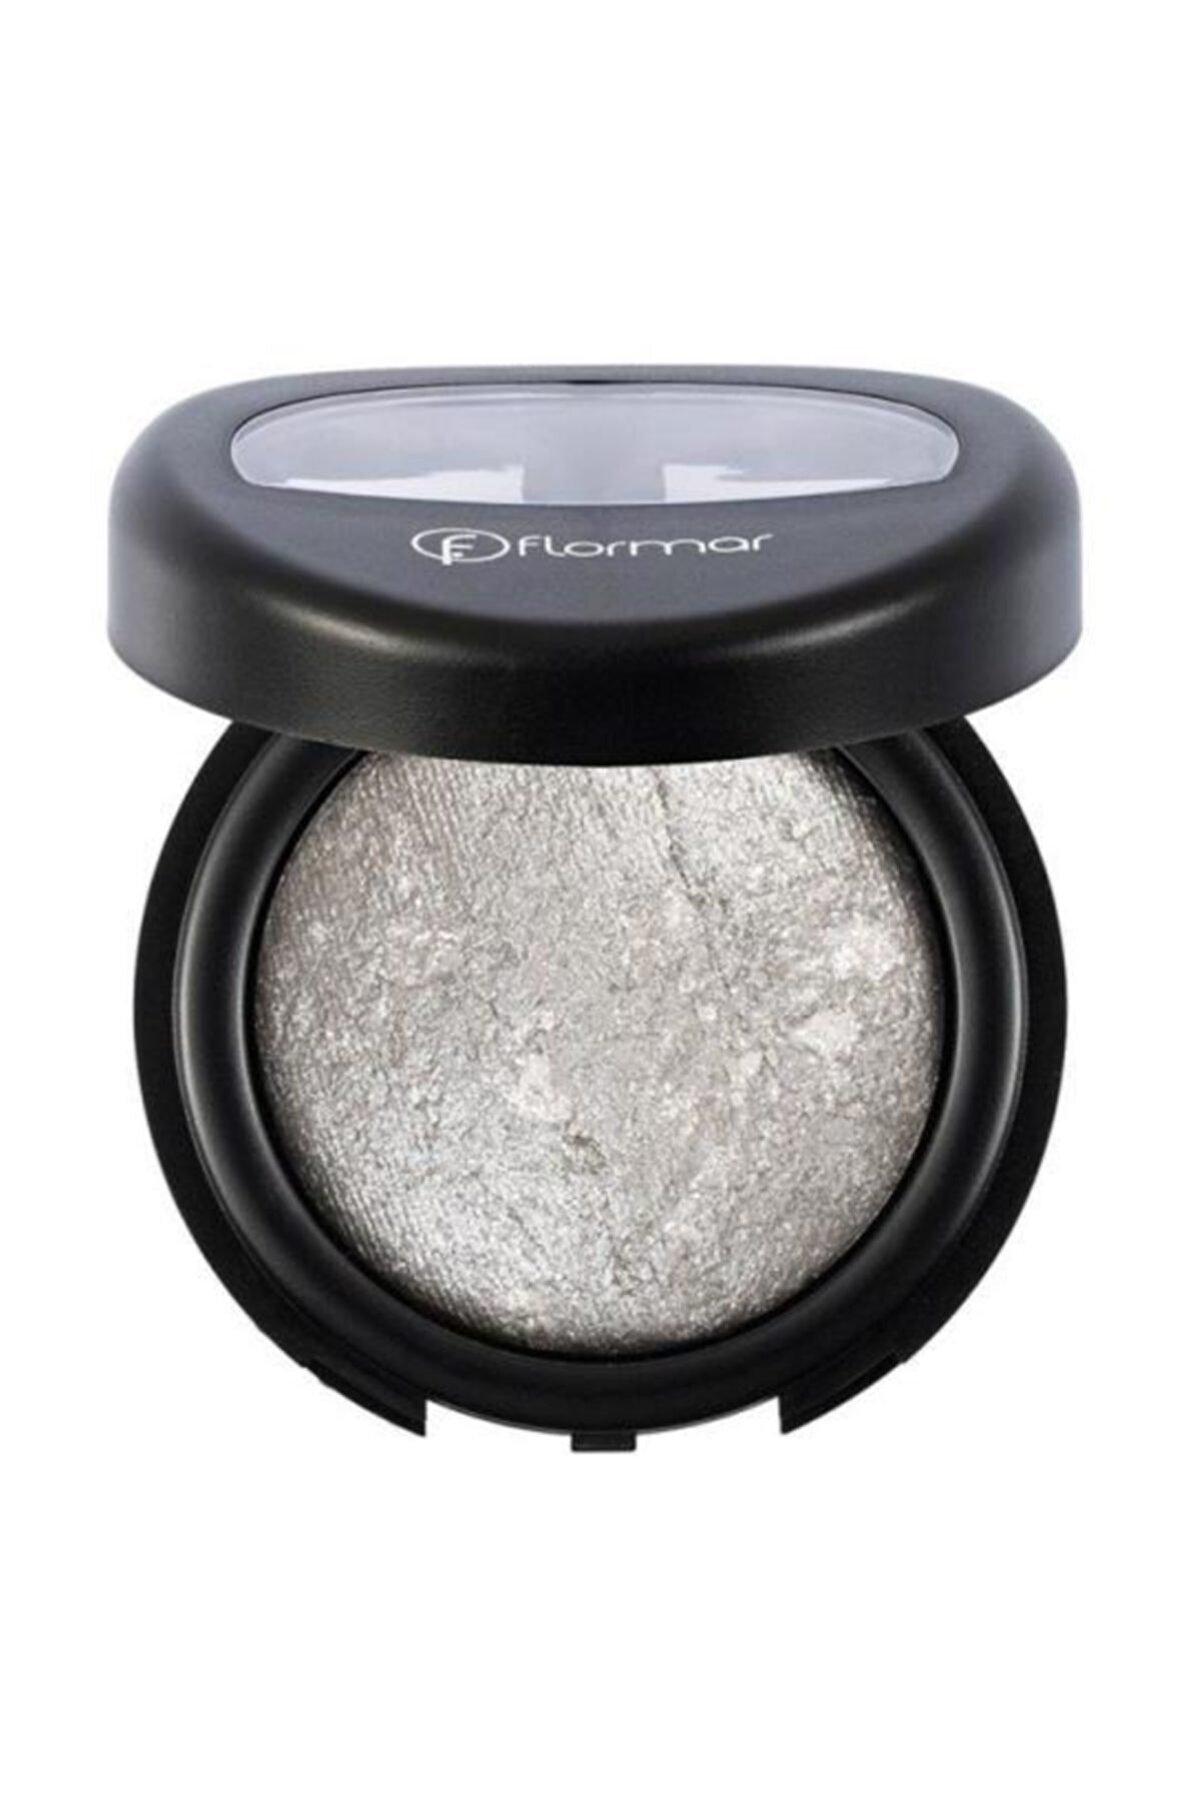 Flormar Diamonds Baked Eyeshadow Işıltılı Gri Göz Farı D10 8690604145799